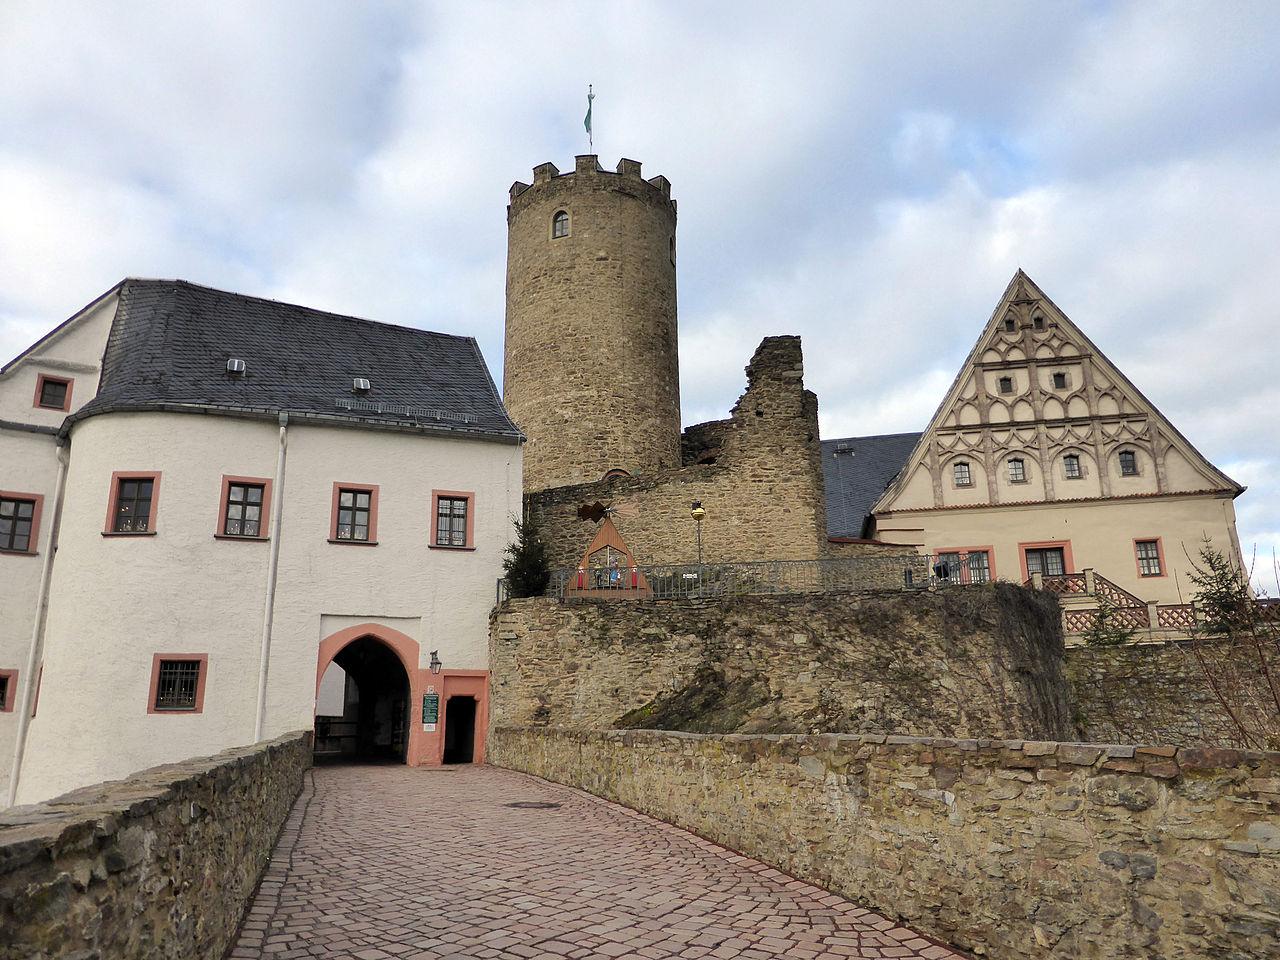 Bild Burg Scharfenstein Drebach